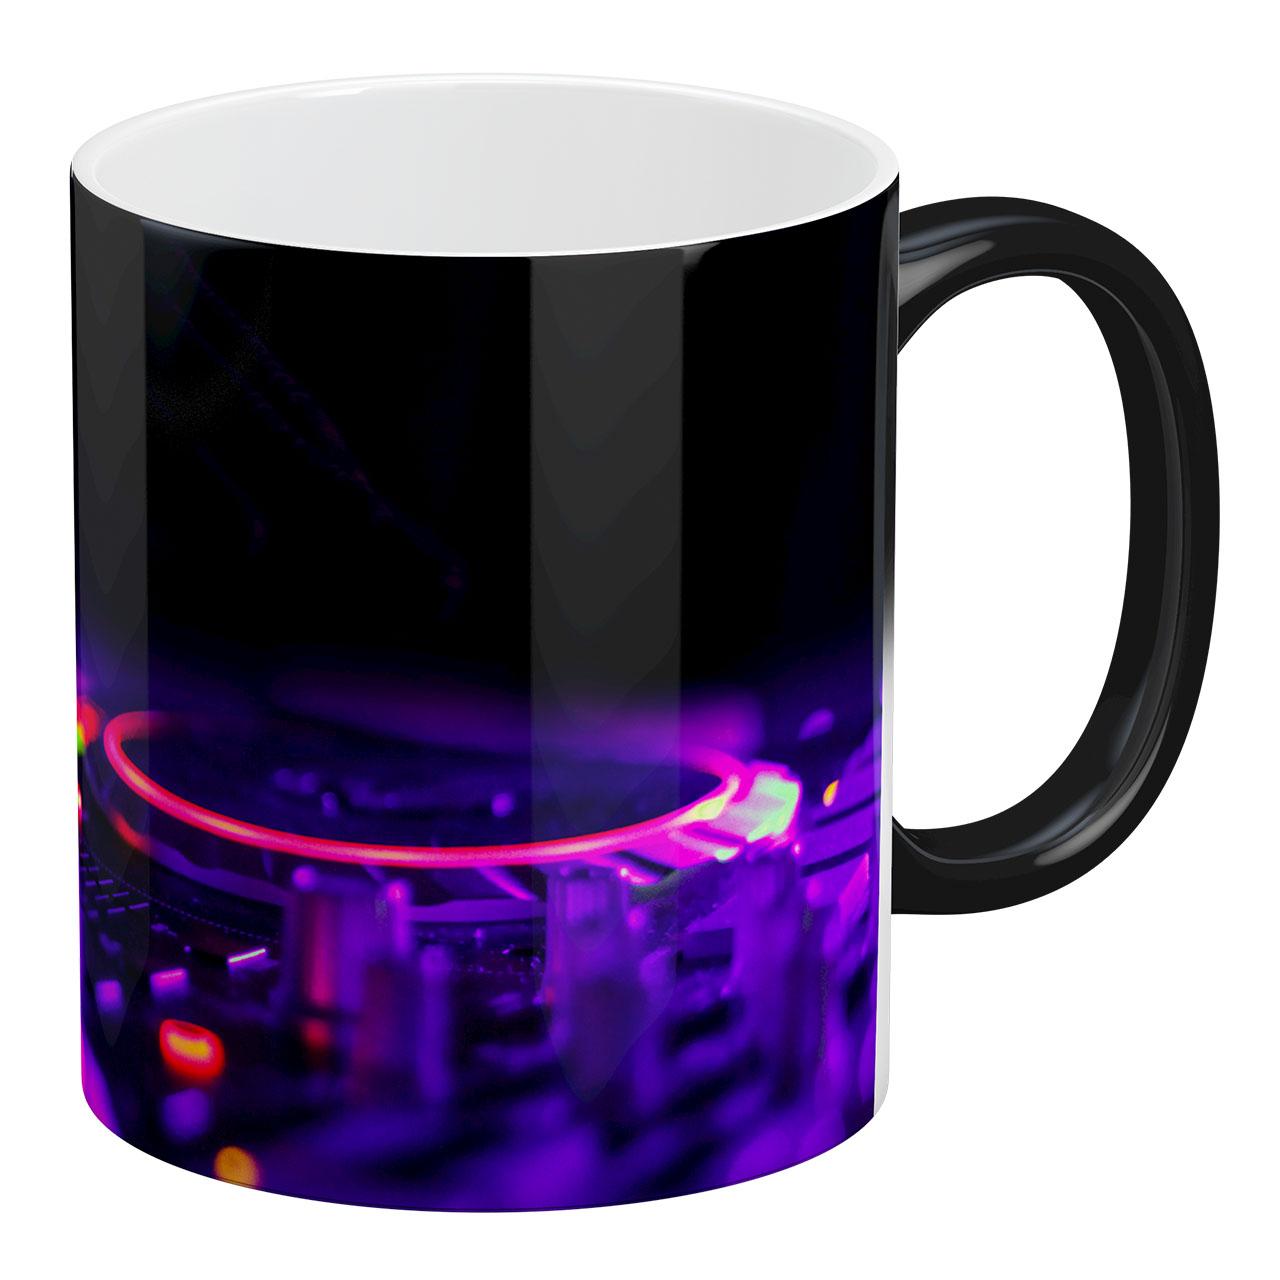 عکس ماگ حرارتی آبنبات رنگی طرح دی جی Dj - کد ARM0197